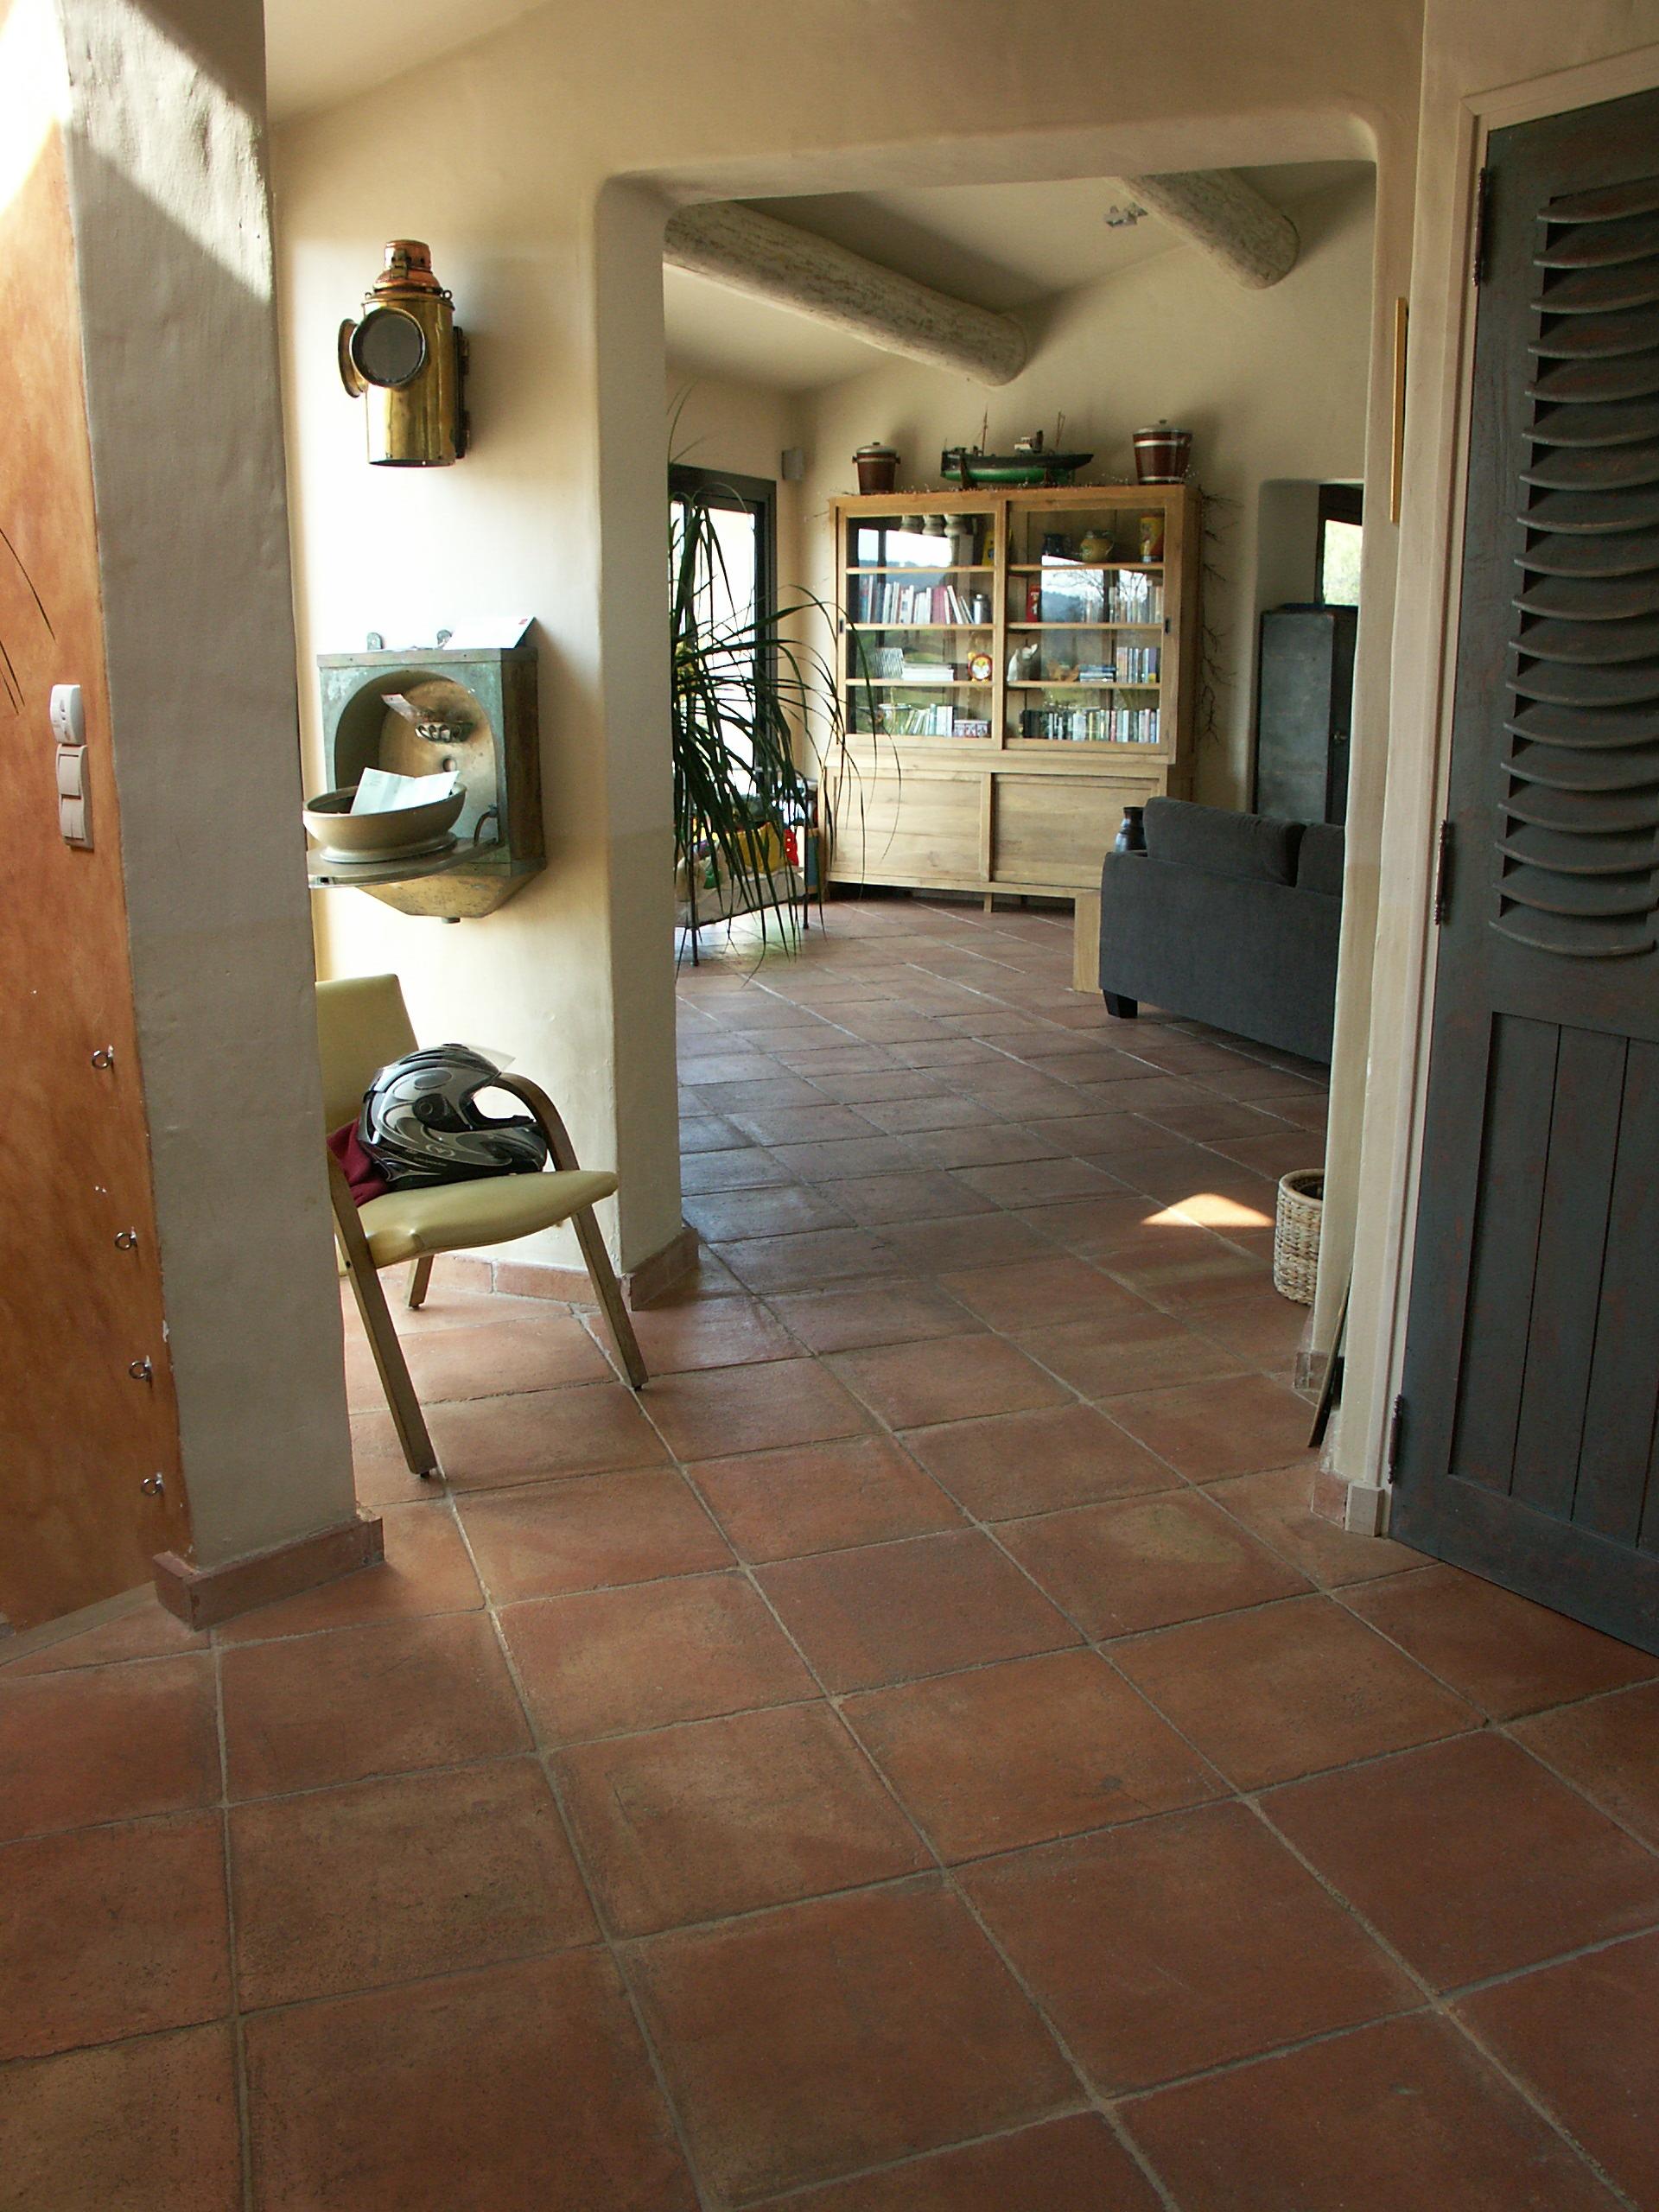 sols interieurs en terre cuite tous les fournisseurs revetement interieur terre cuite. Black Bedroom Furniture Sets. Home Design Ideas